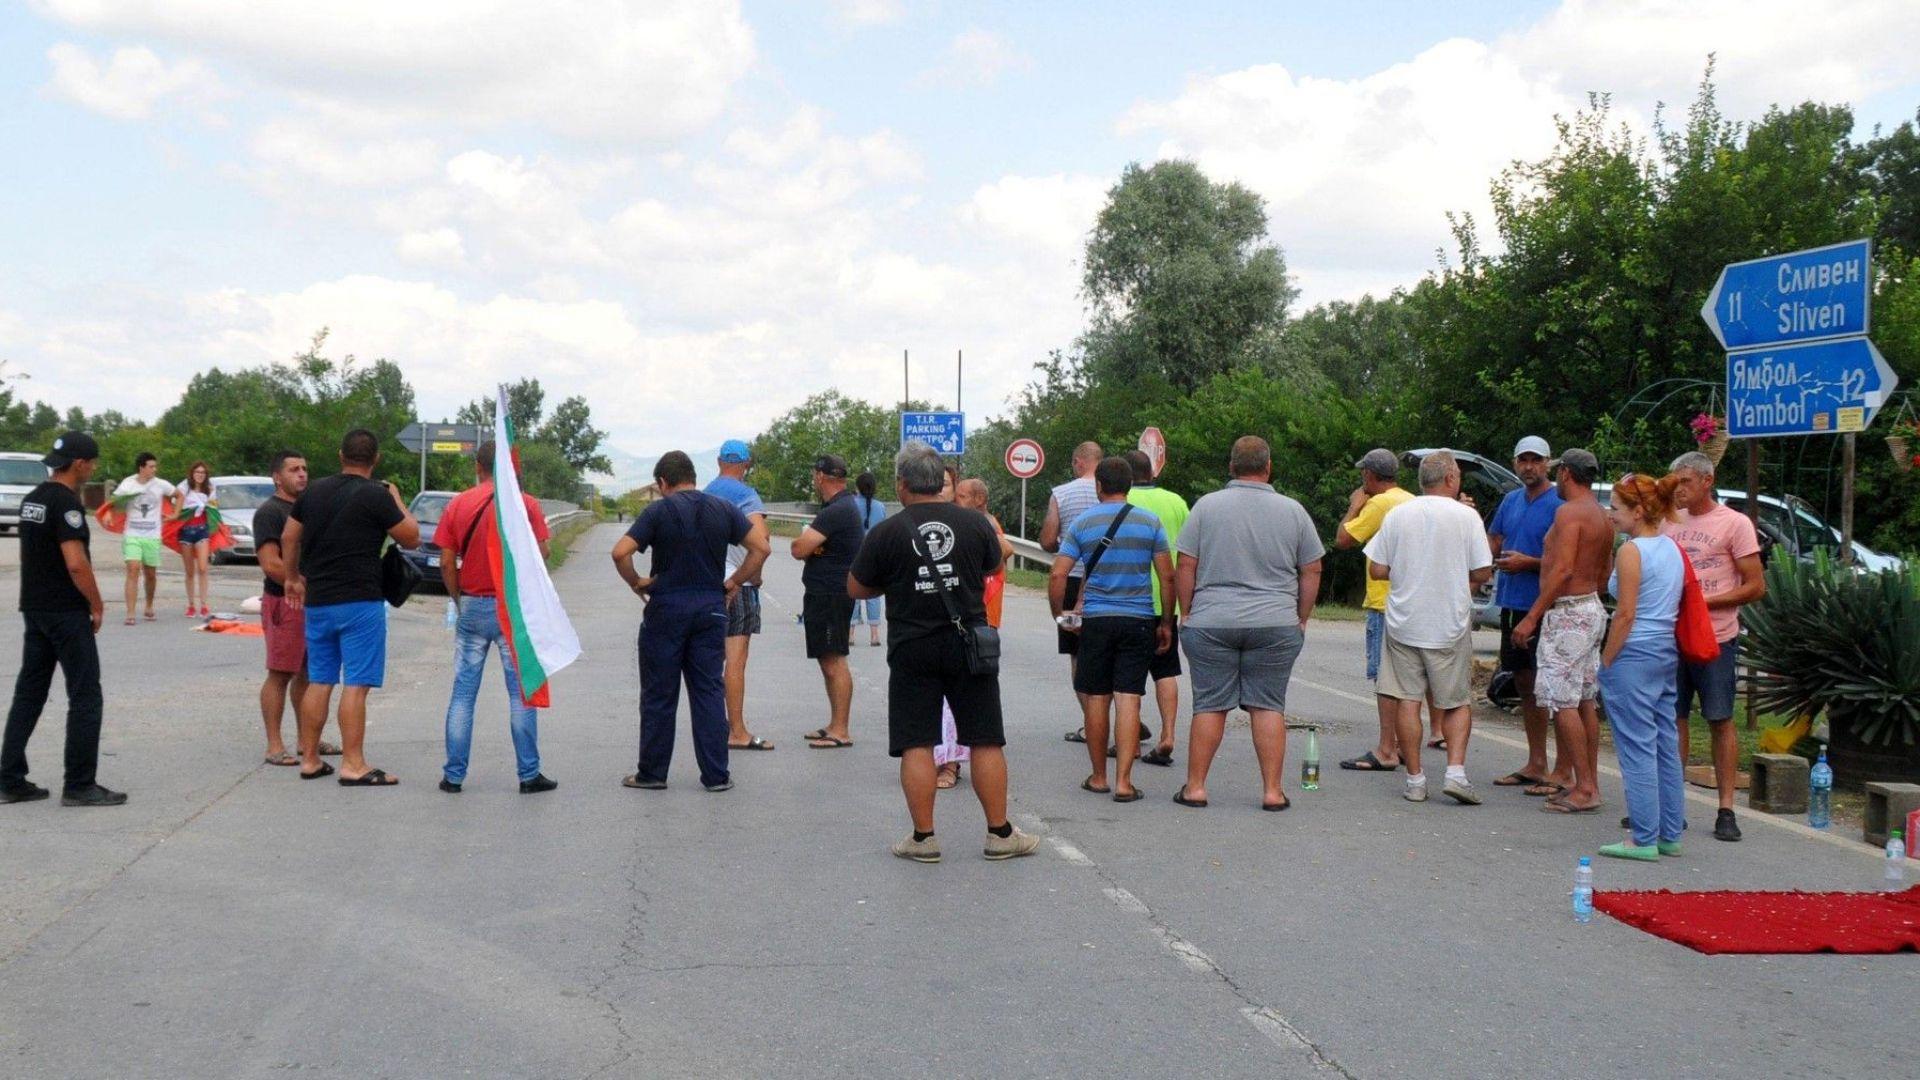 40 души блокираха за втора нощ главния път Сливен - Ямбол